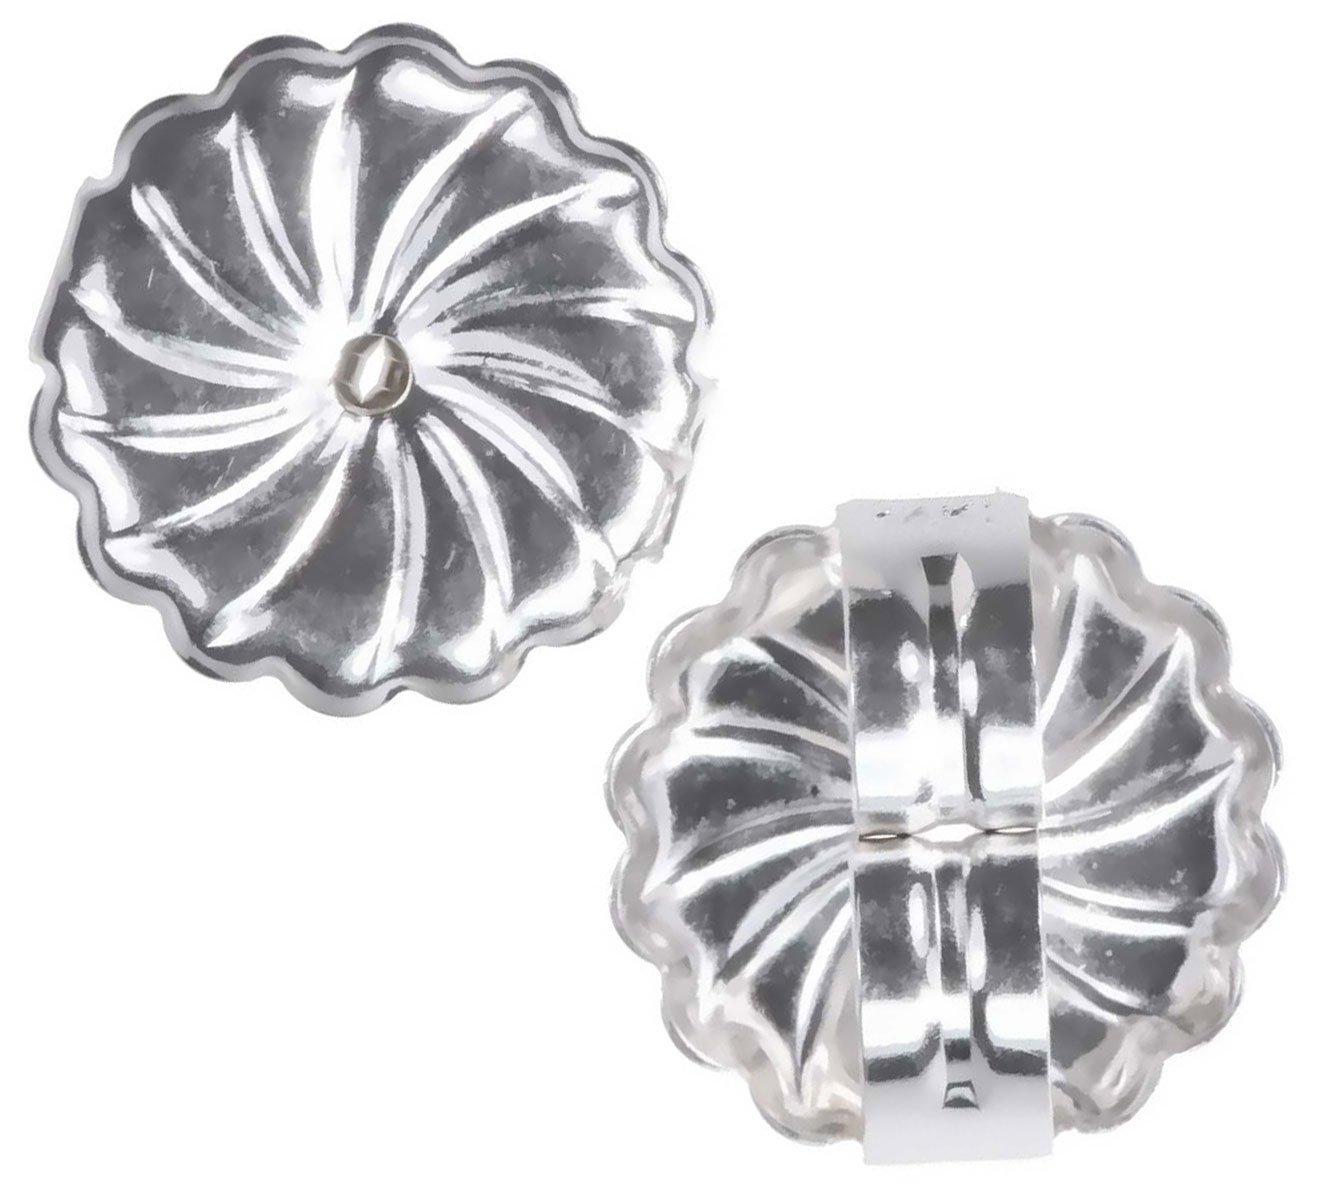 uGems 14K White Gold Jumbo Swirl Earring Backs 9mm X-Large (1 Pair) by uGems